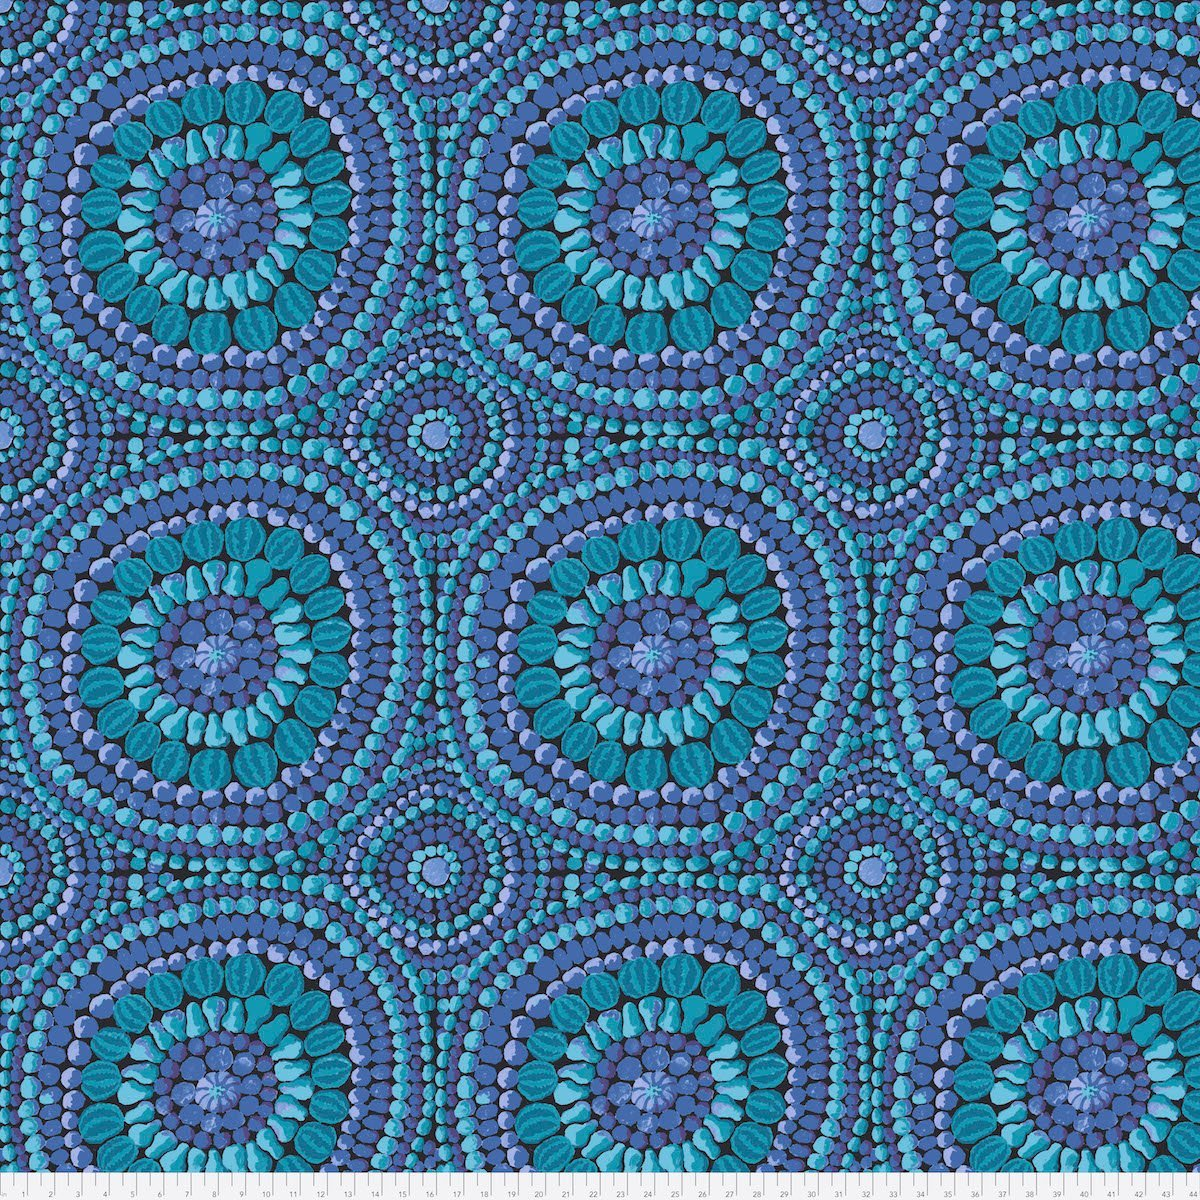 Kaffe Fassett - 108 Wide Backing Fabric - Fruit Mandala - Blue